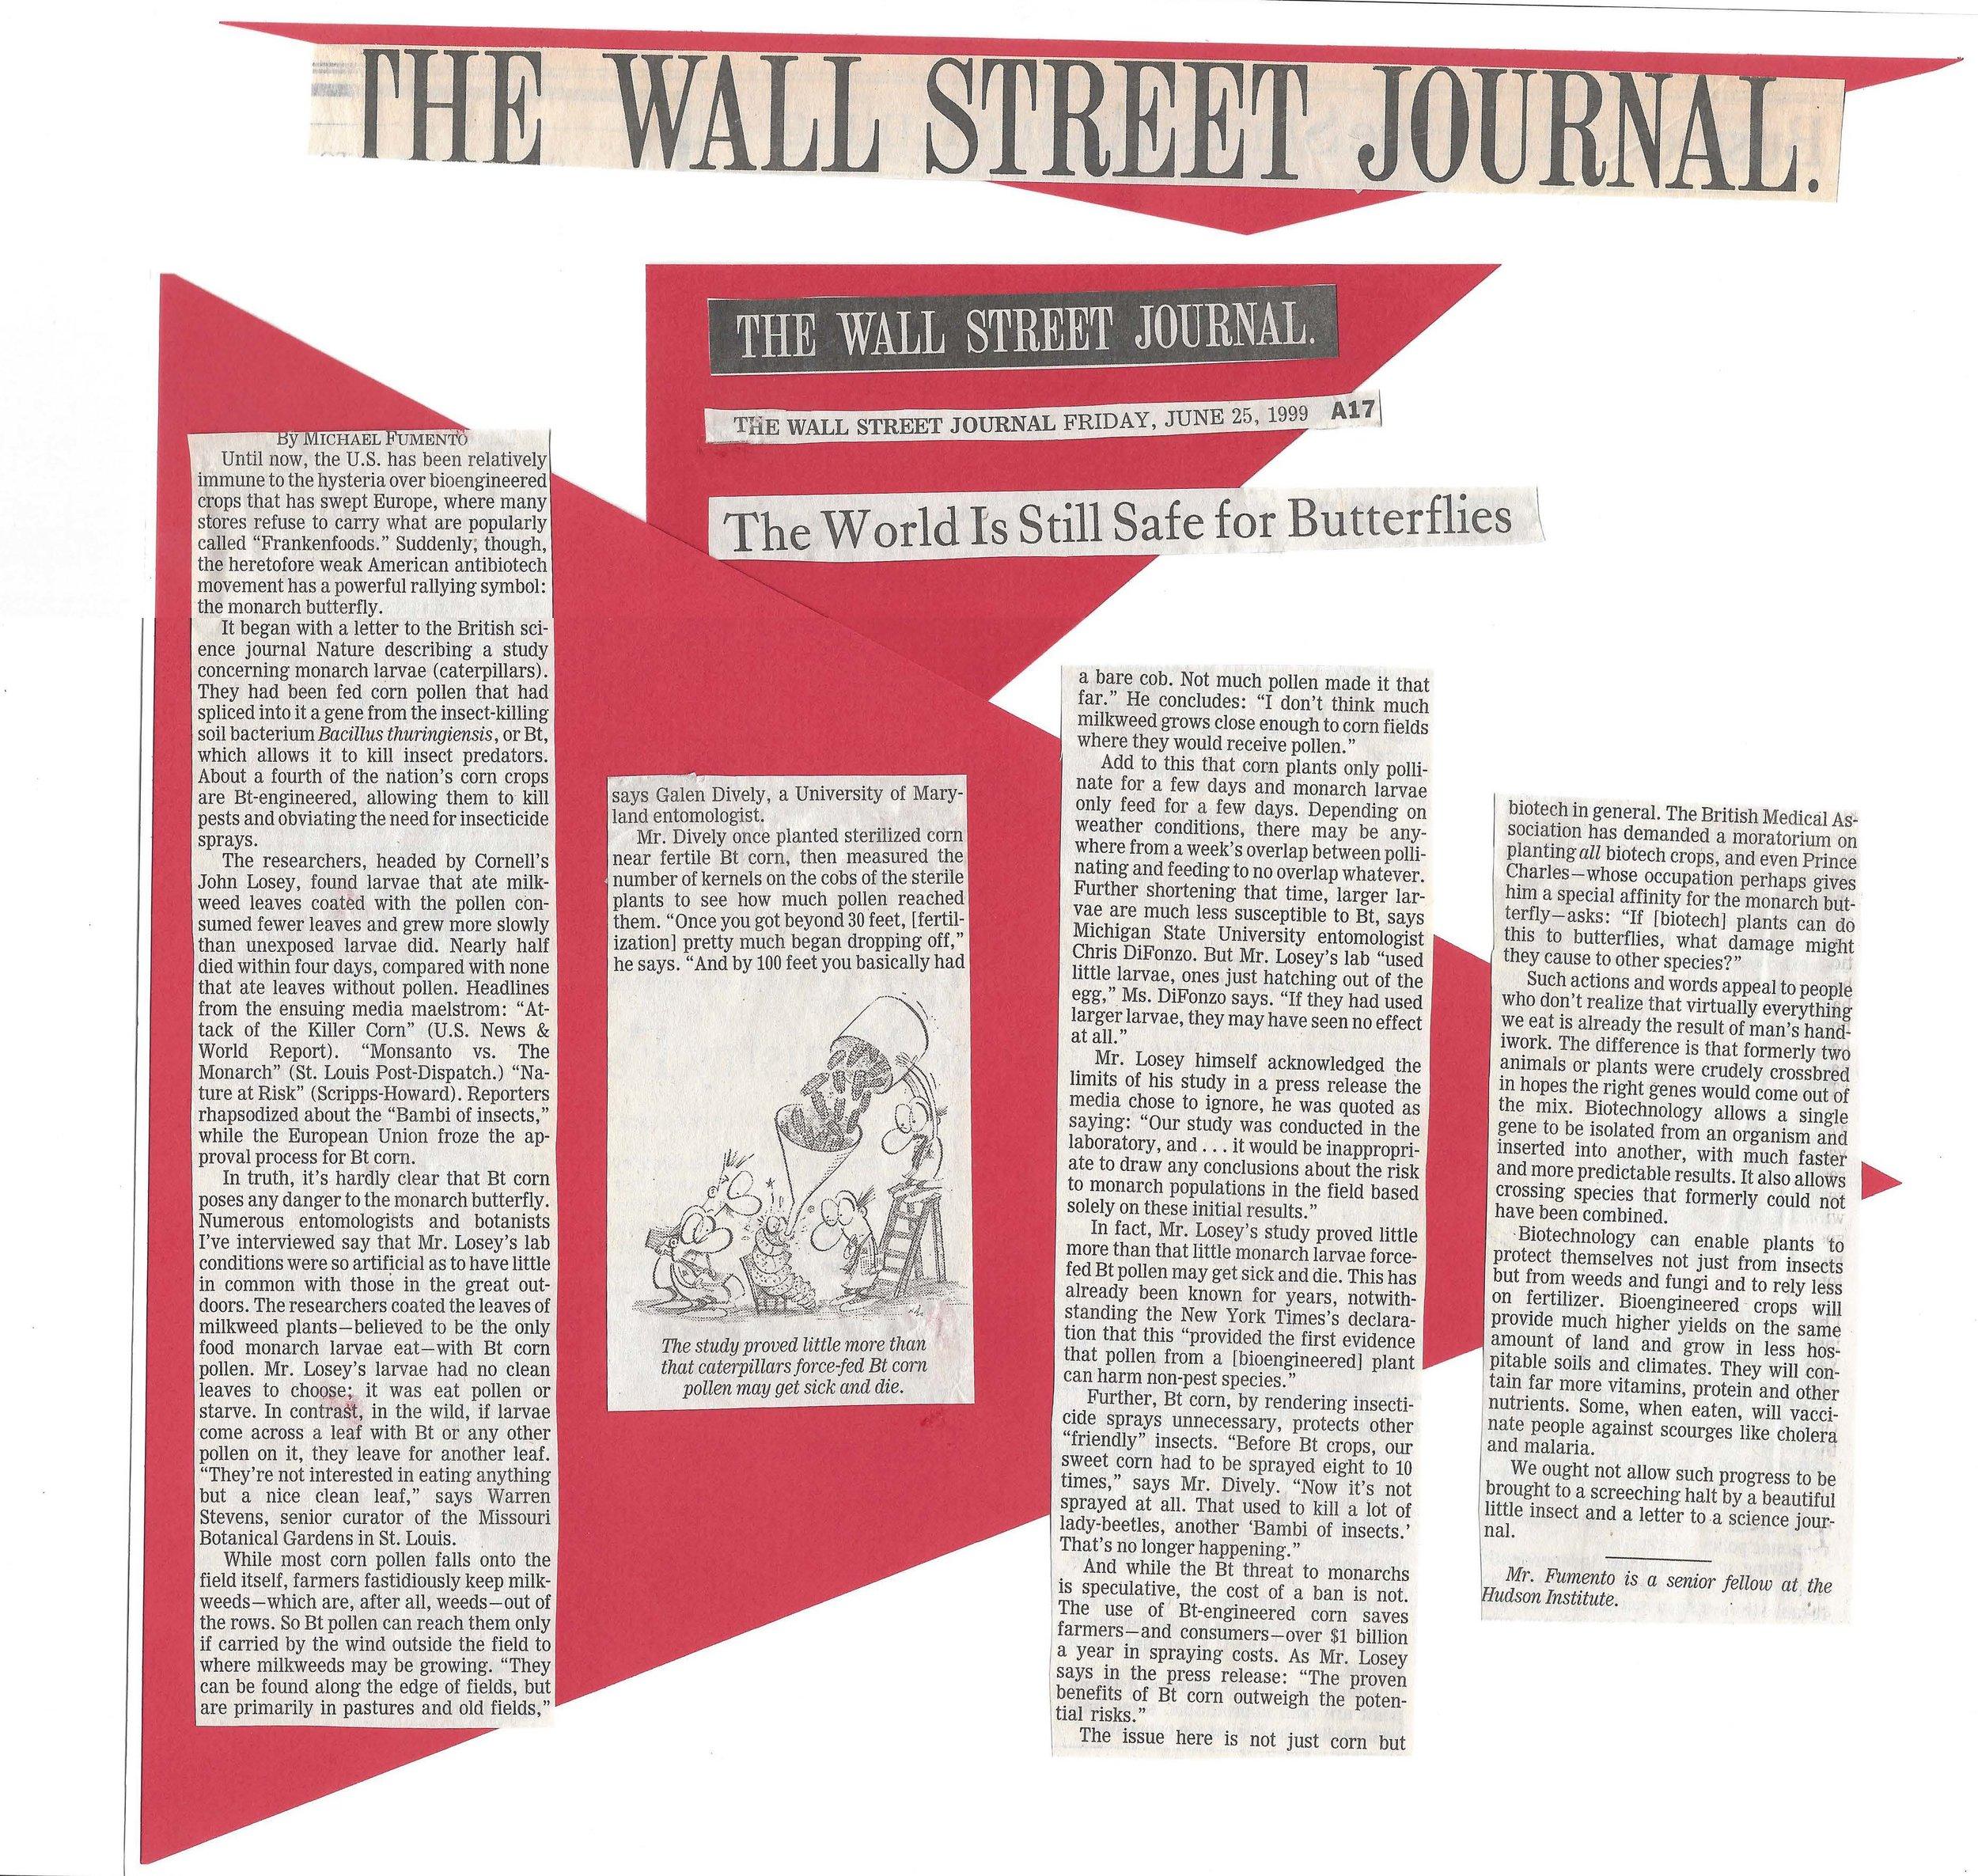 Wall Street Journal 06.25.99.jpg